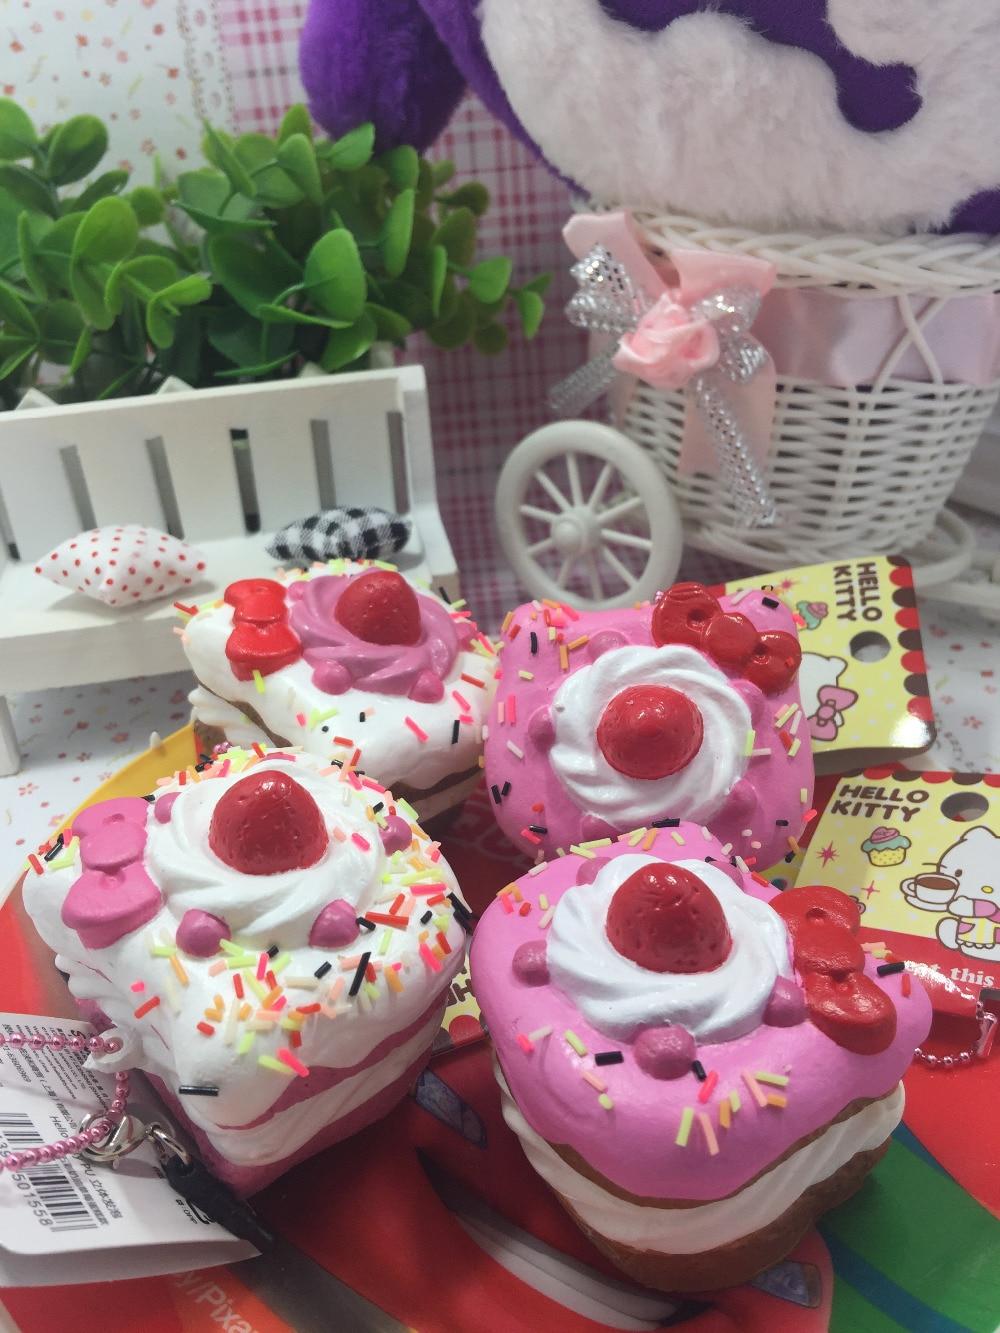 Originalni paket Redki Hello Kitty Sladki torti Squishys Igrače Čar roza Stress igrače trak na debelo Squishies 8Pcs / Lot 473